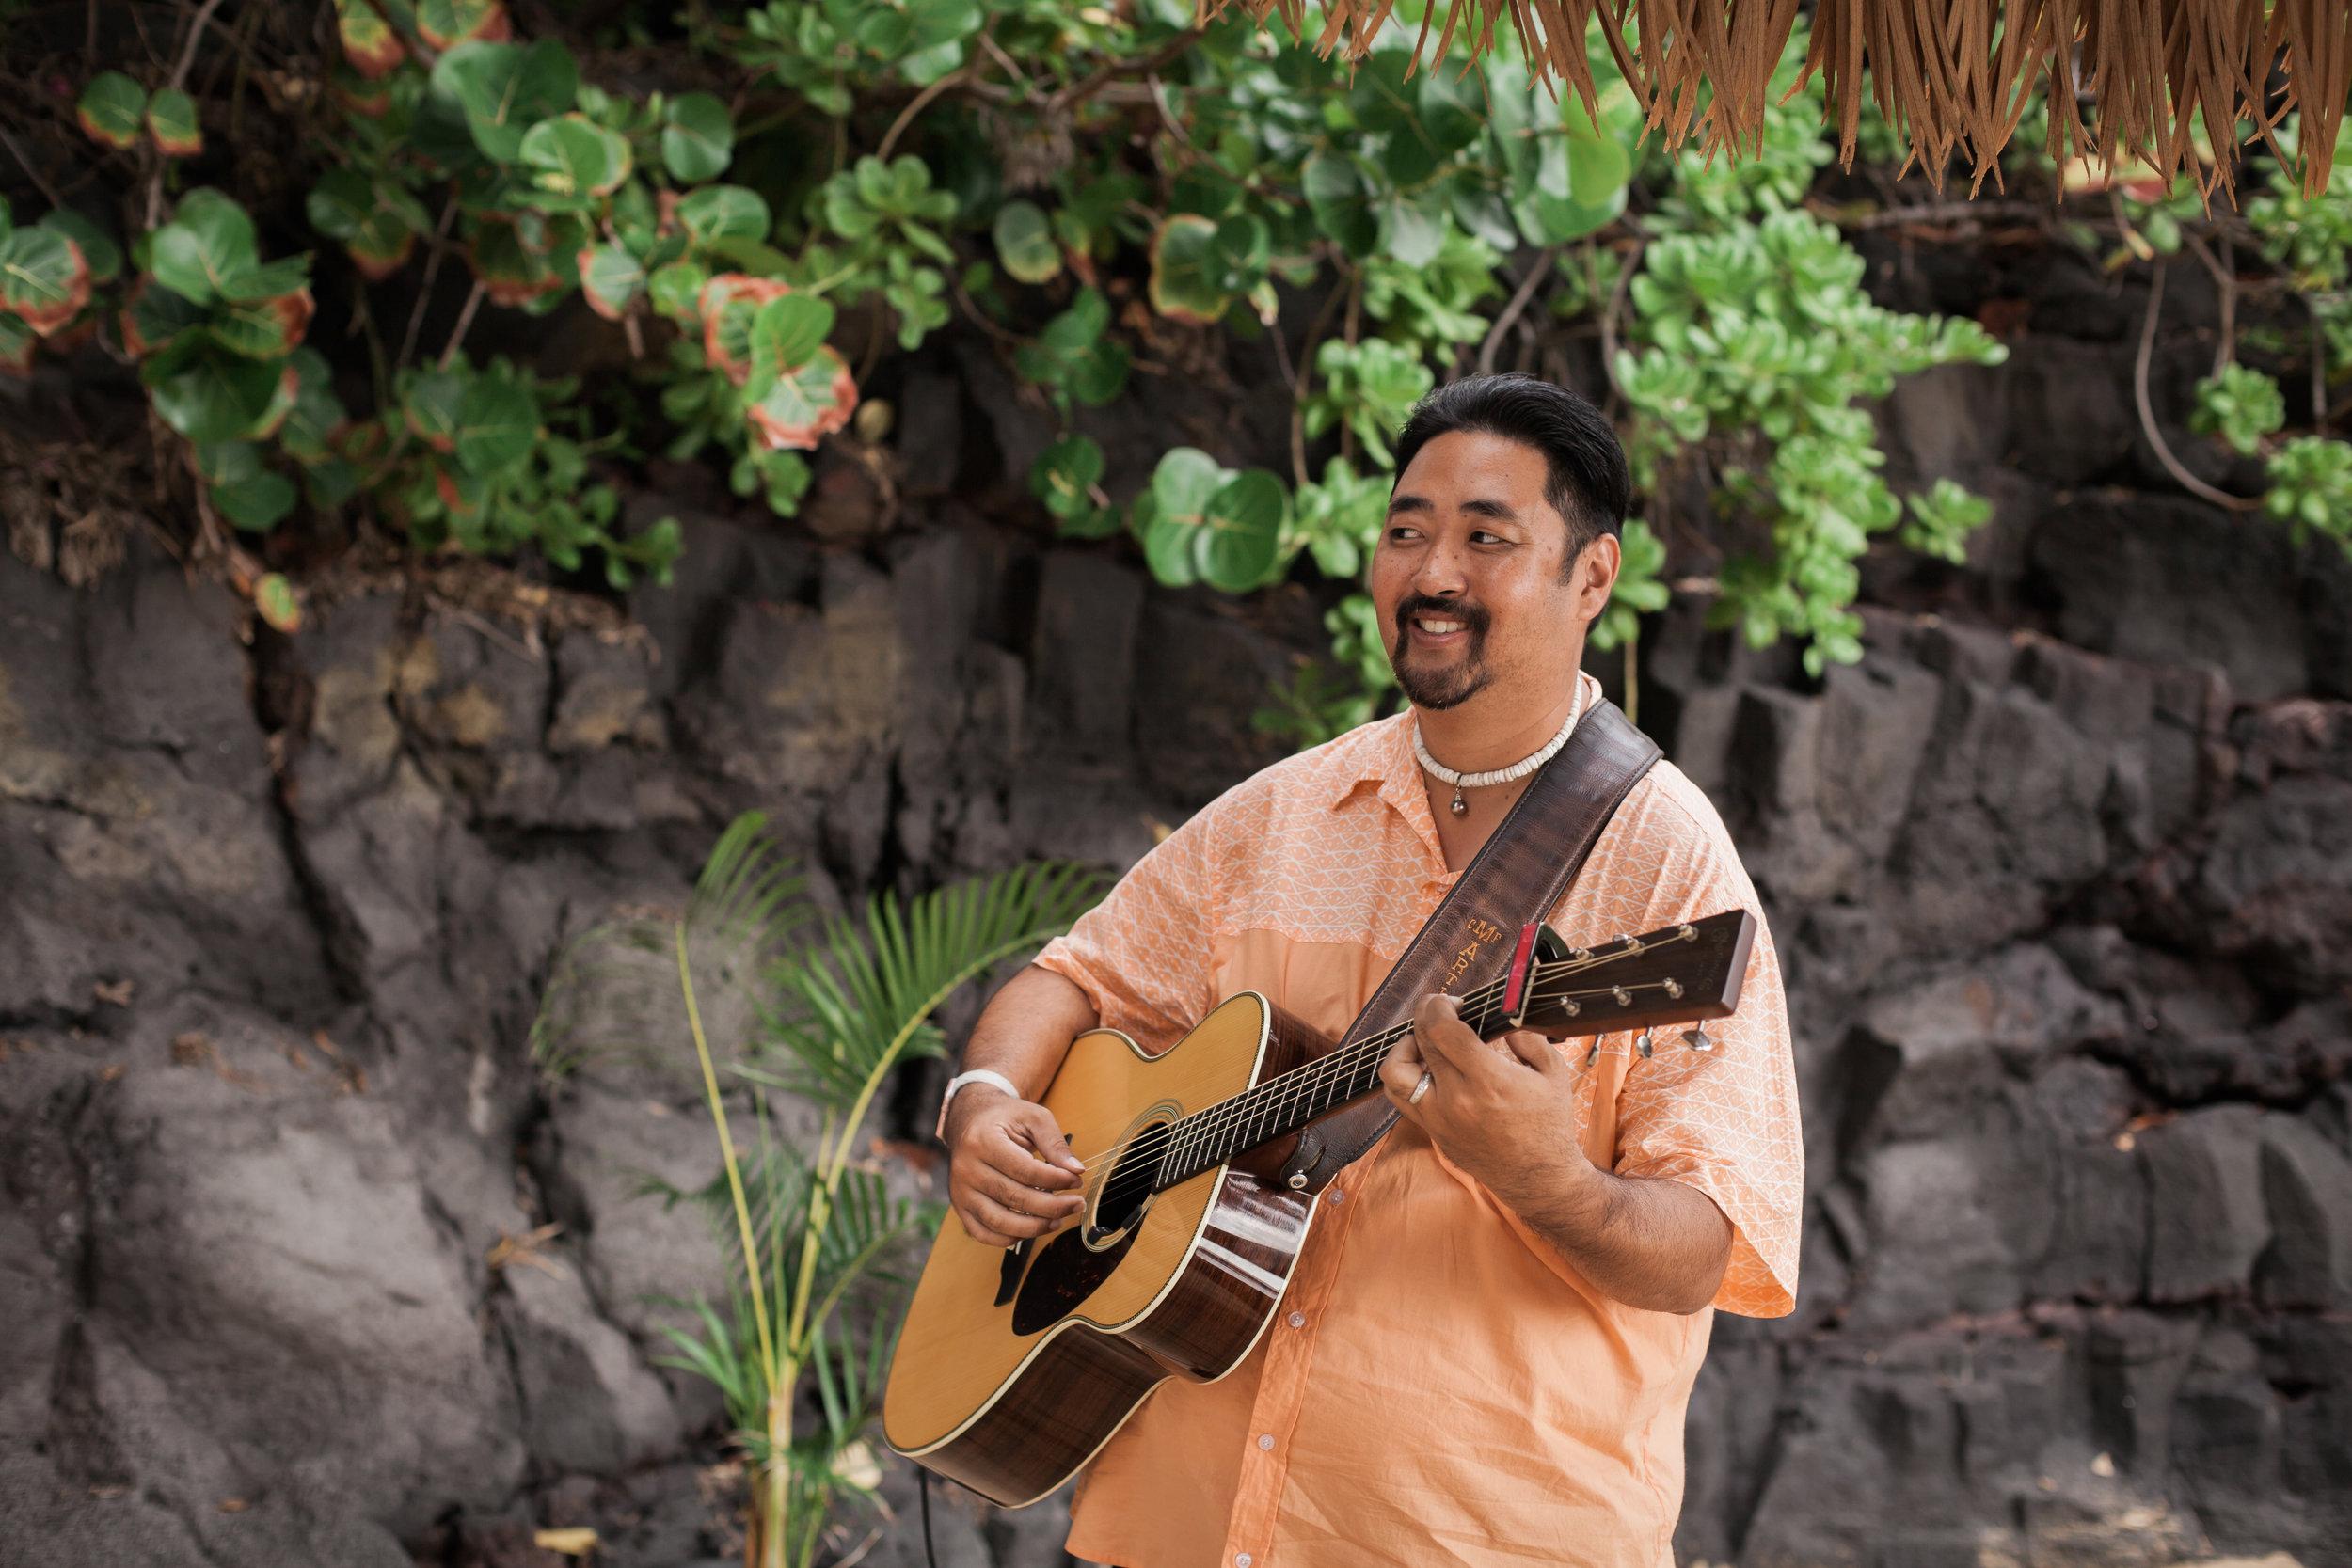 big island hawaii royal kona resort beach wedding © kelilina photography 20170520162730.jpg